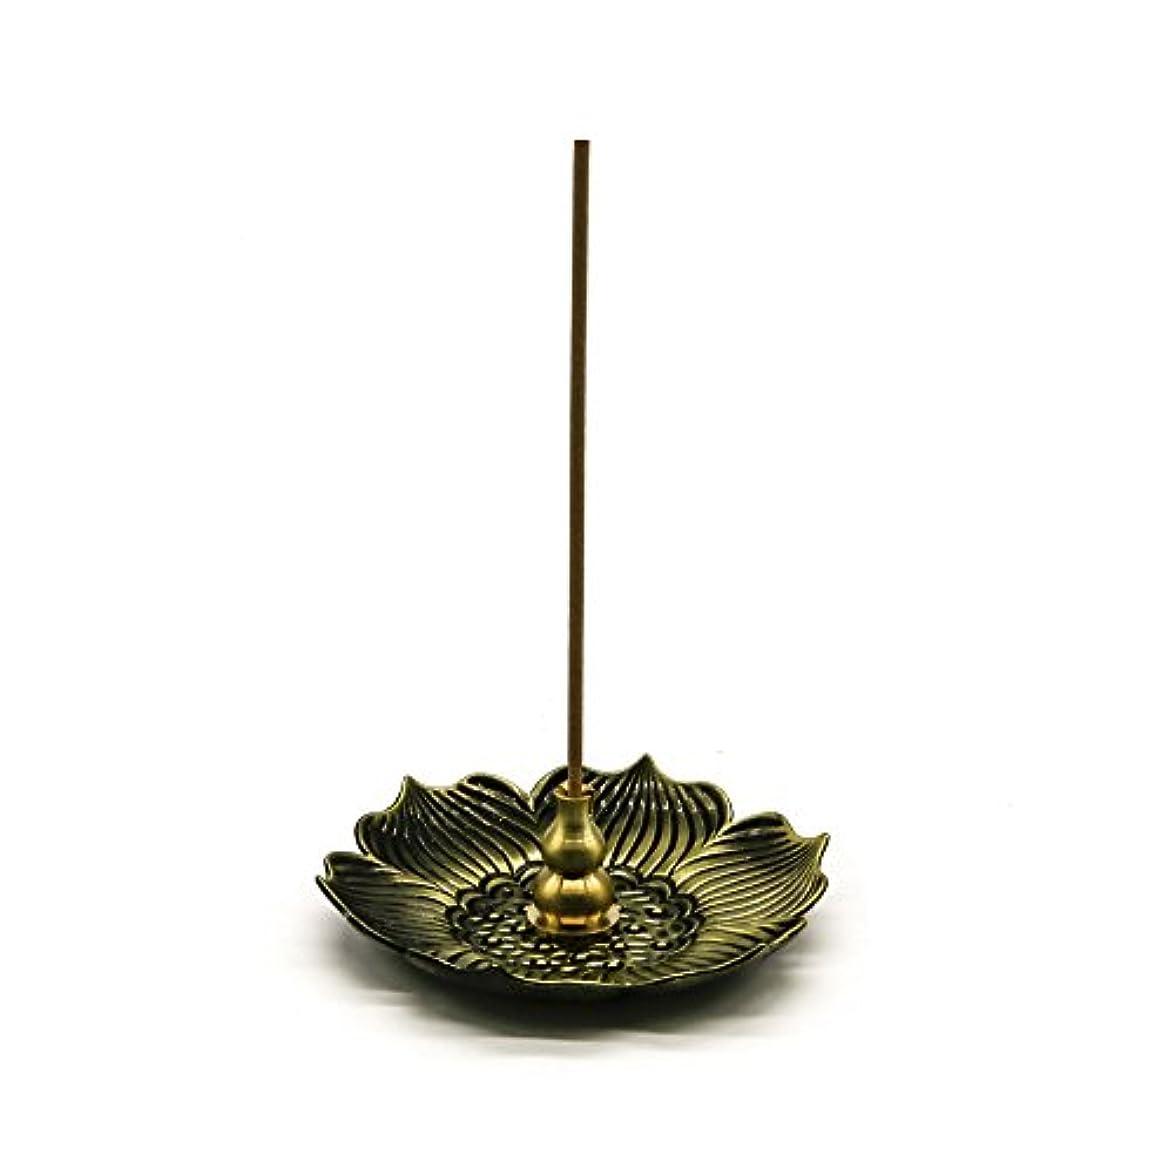 爆弾アーティストリンケージomonicブロンズLotus Dish Stick Incense Burnerホルダー(スティック/コーン/コイルIncense )アロマセラピー炉Diffuser forホームインテリア